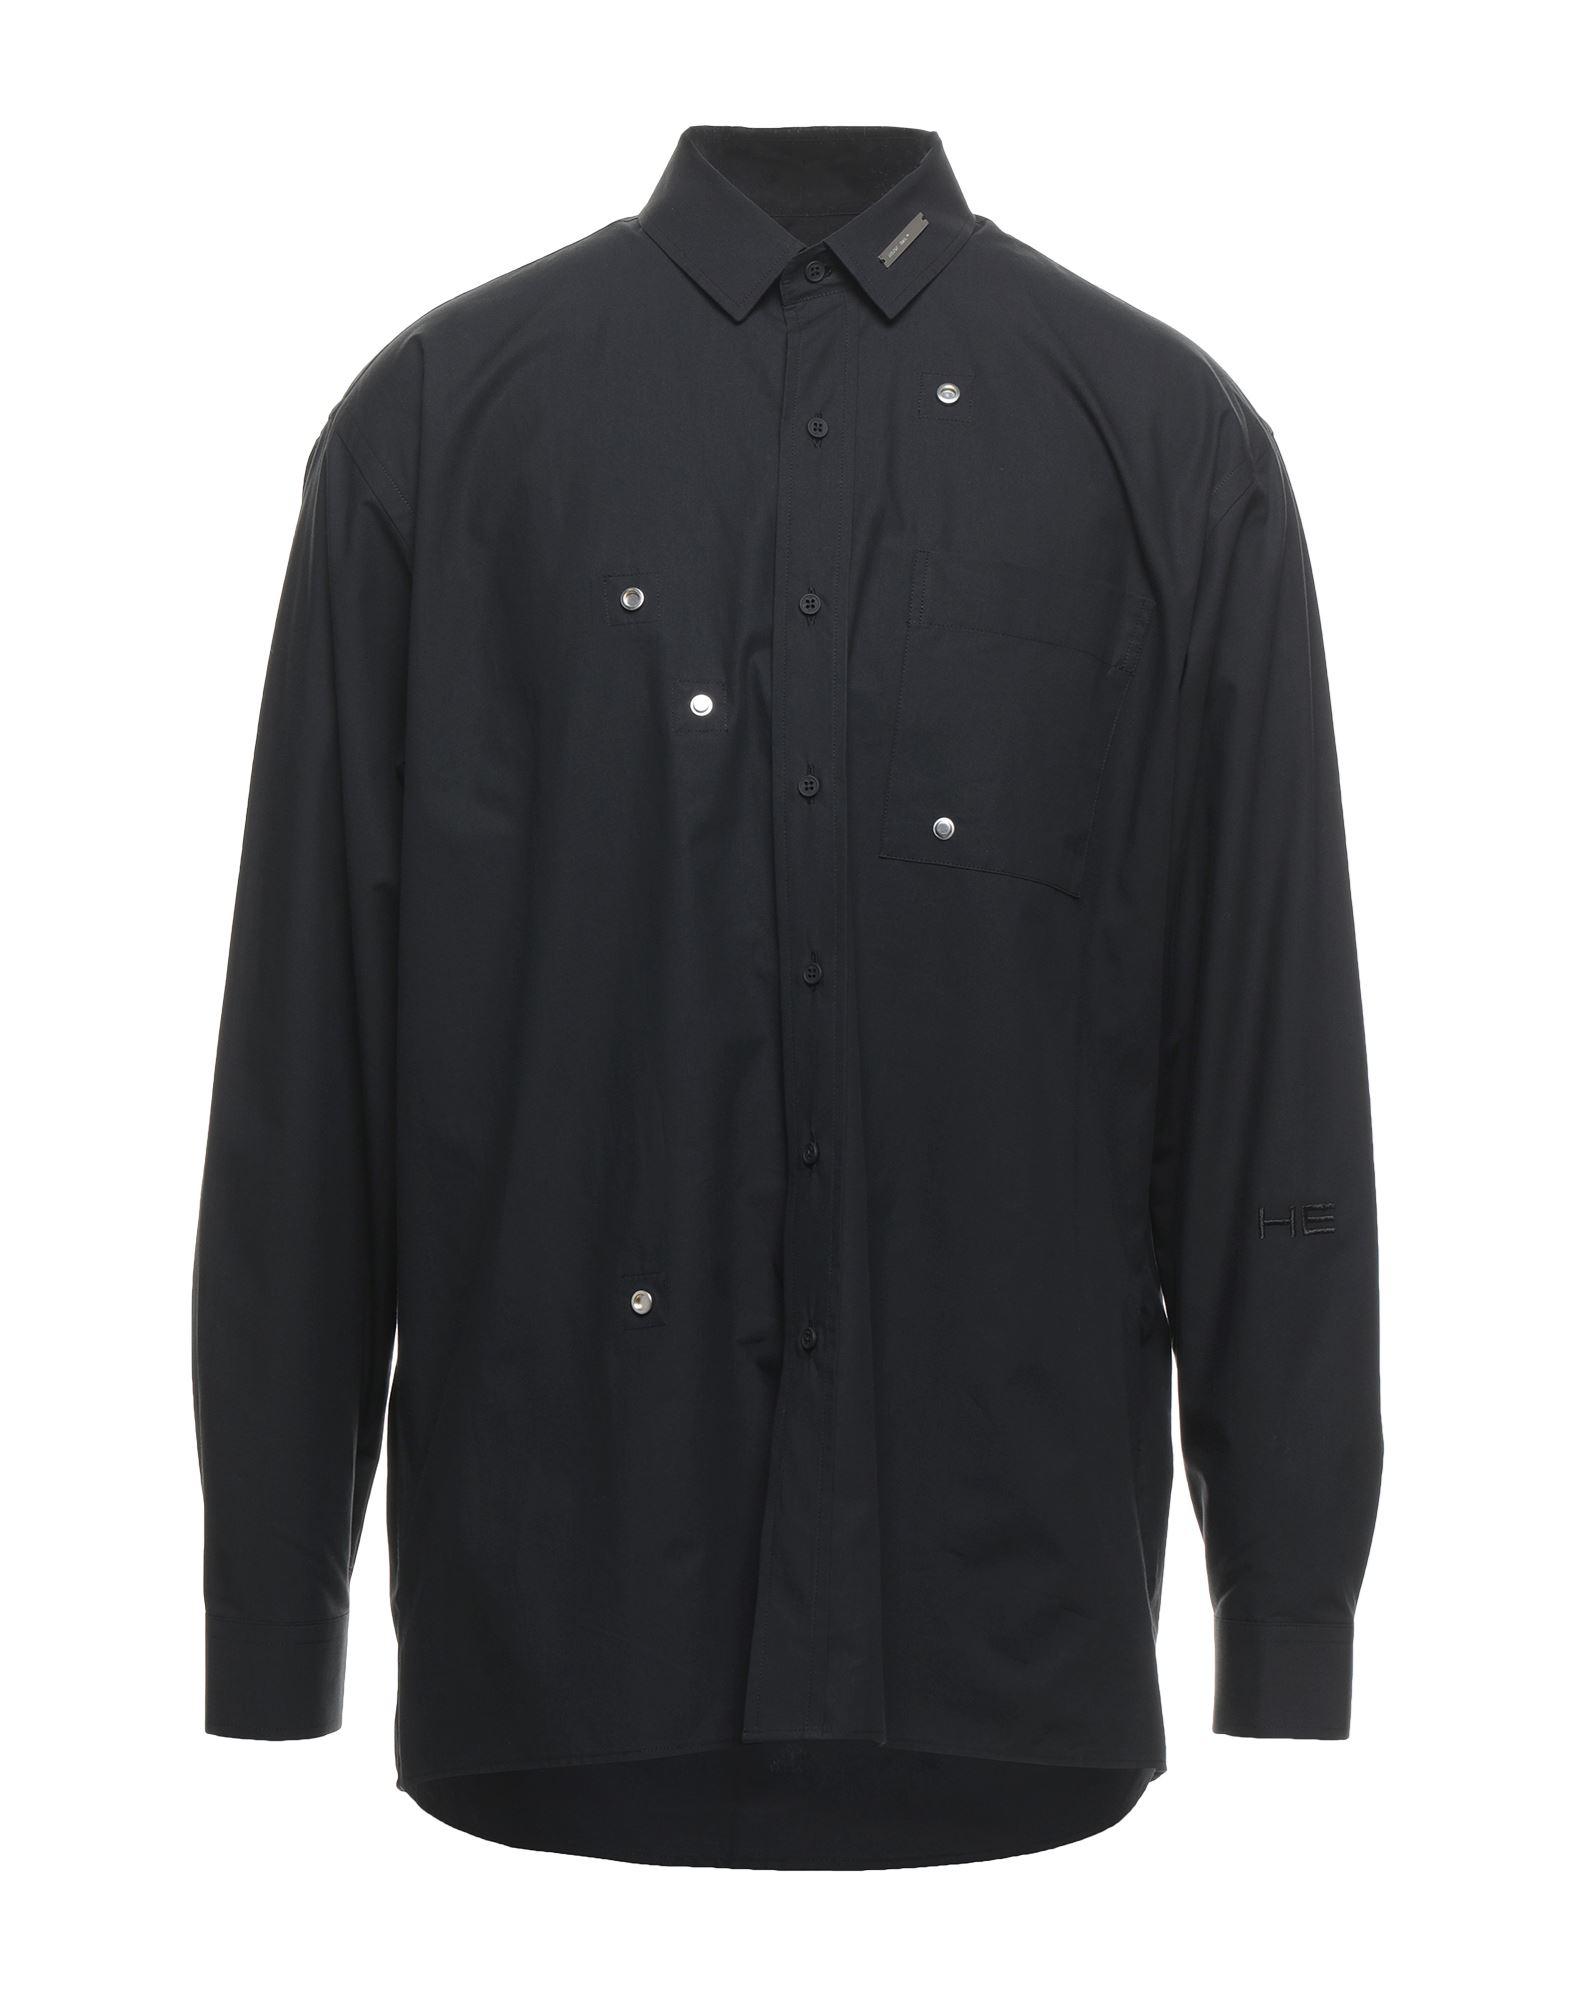 HELIOT EMIL™ Pубашка